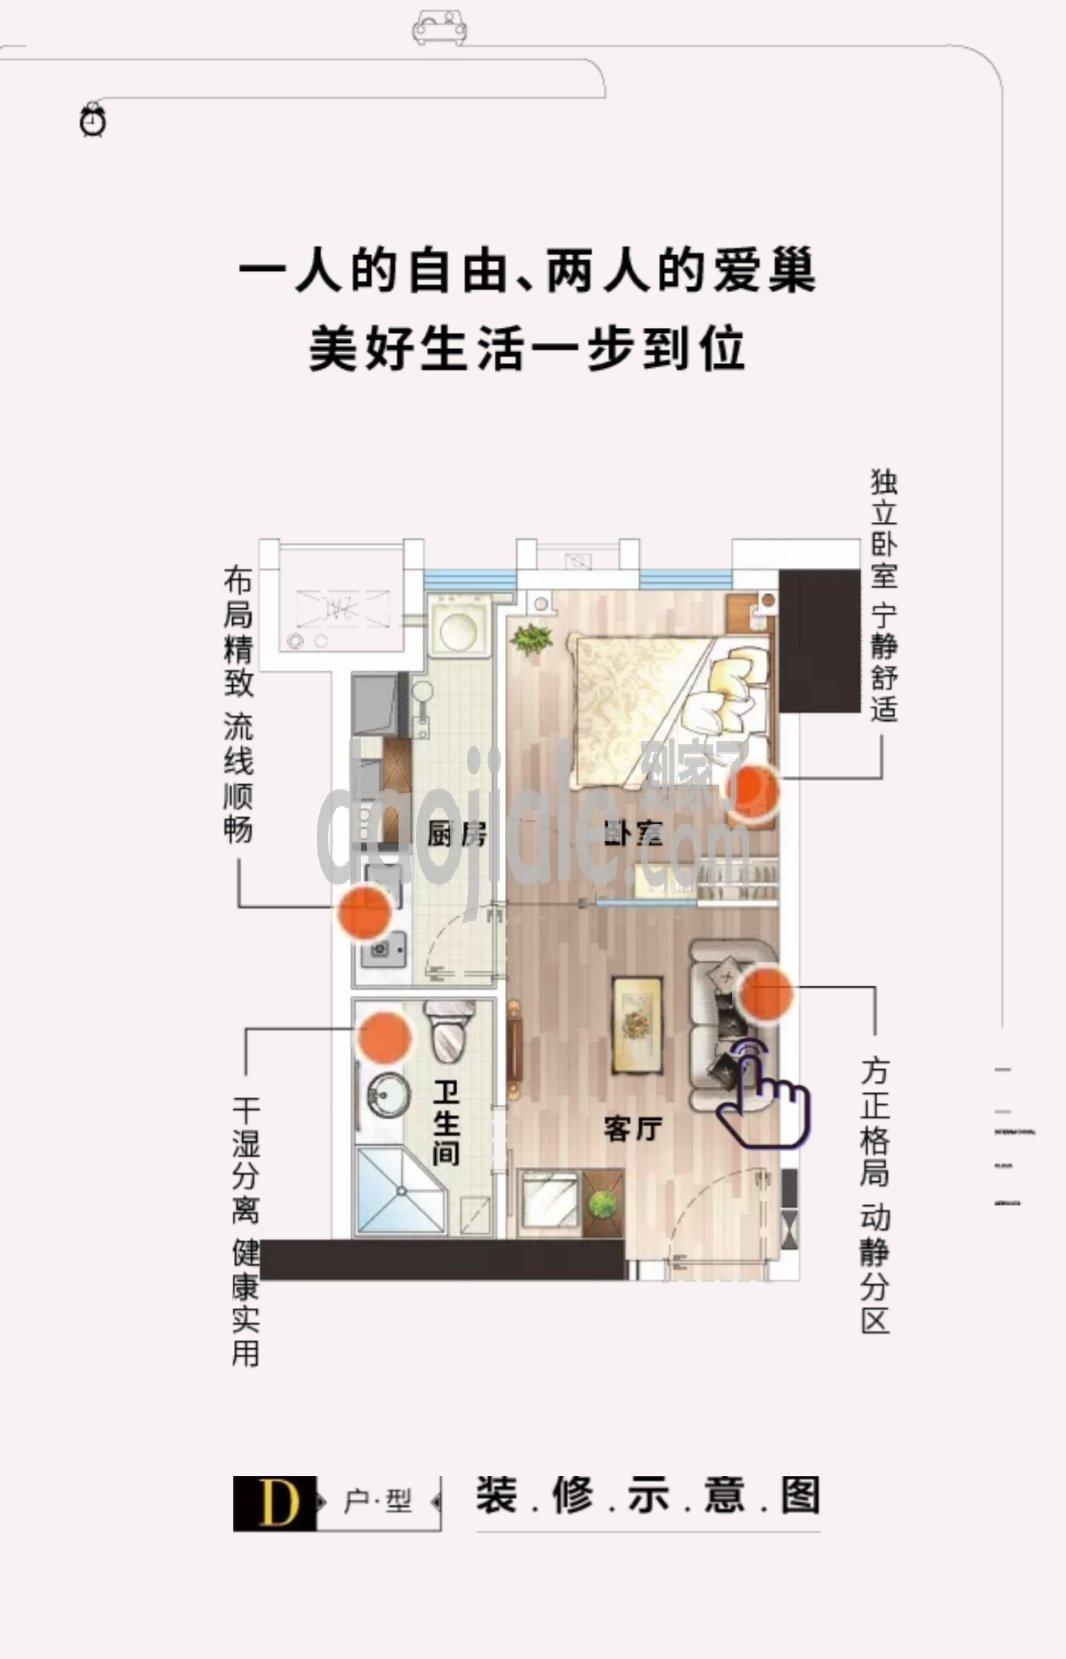 渝中区大坪和泓渝中界新房D户型户型图